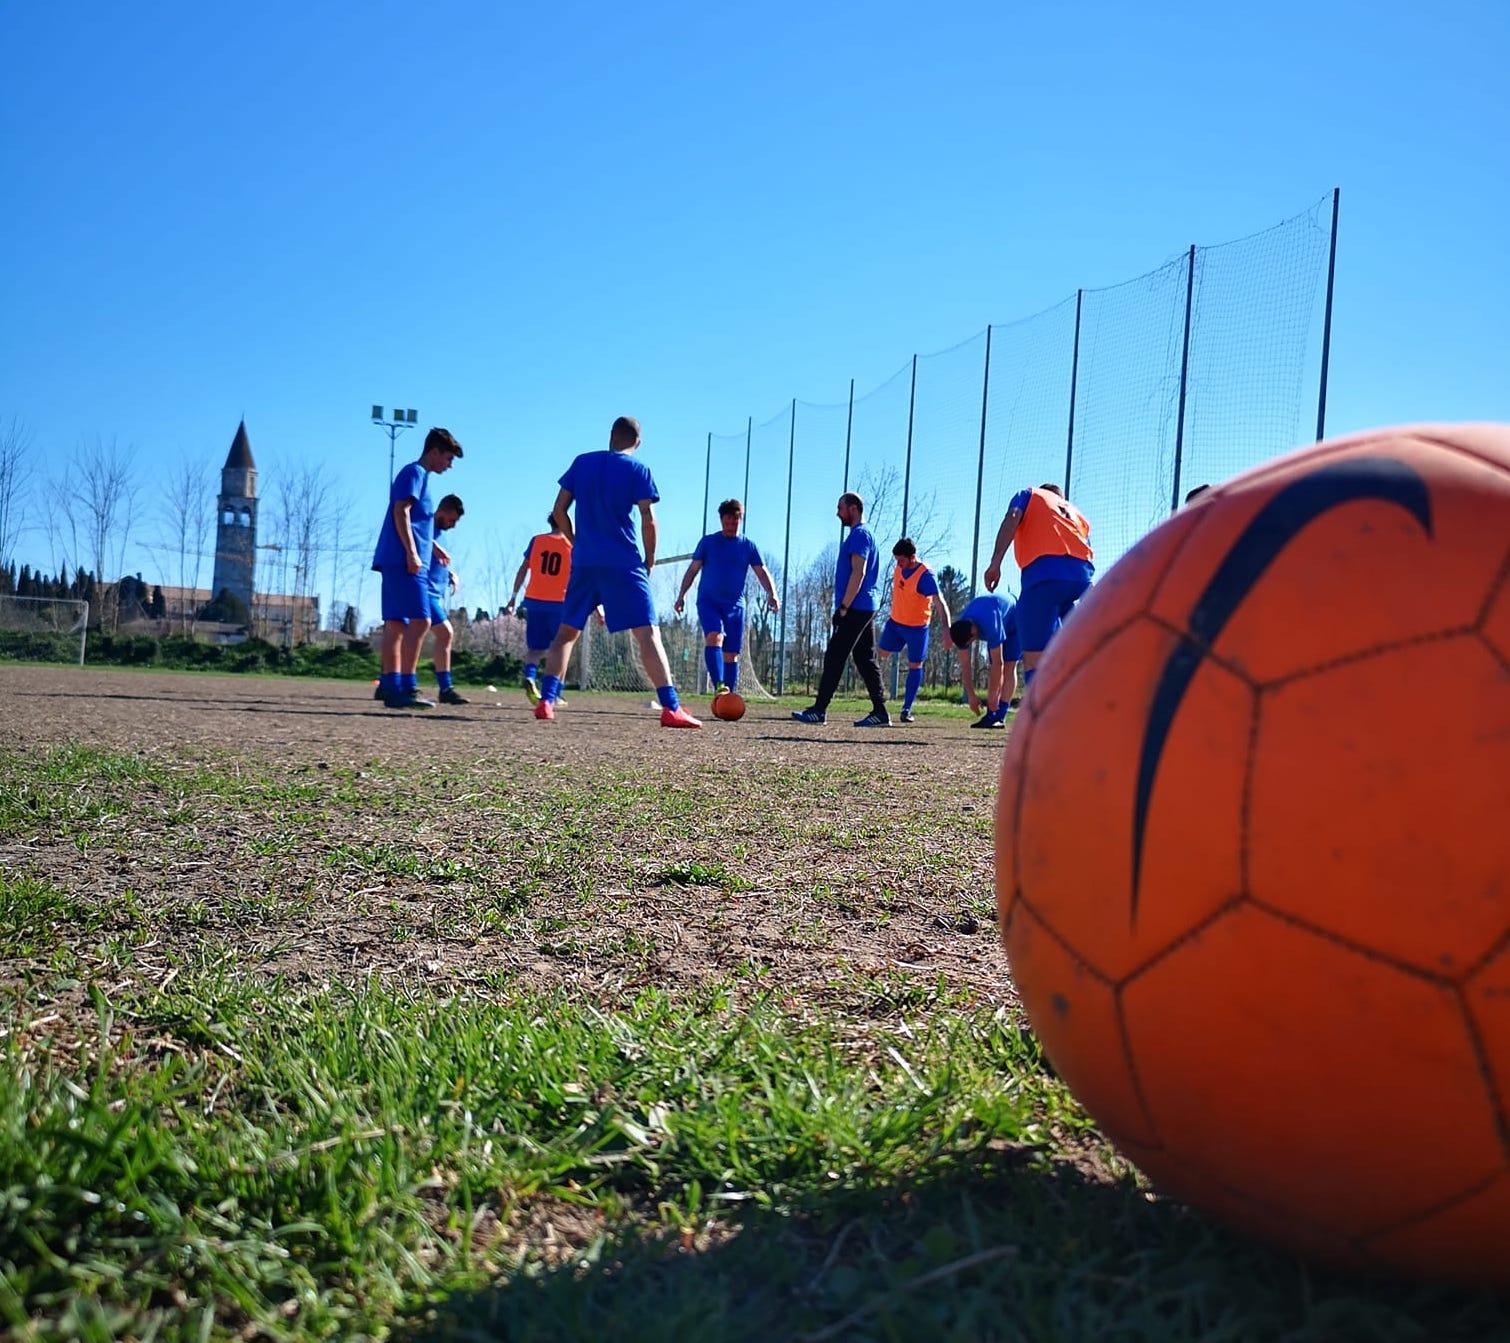 Immagine per Portarono per primi il calcio nella città romana, Aquileia festeggia cento anni di sport